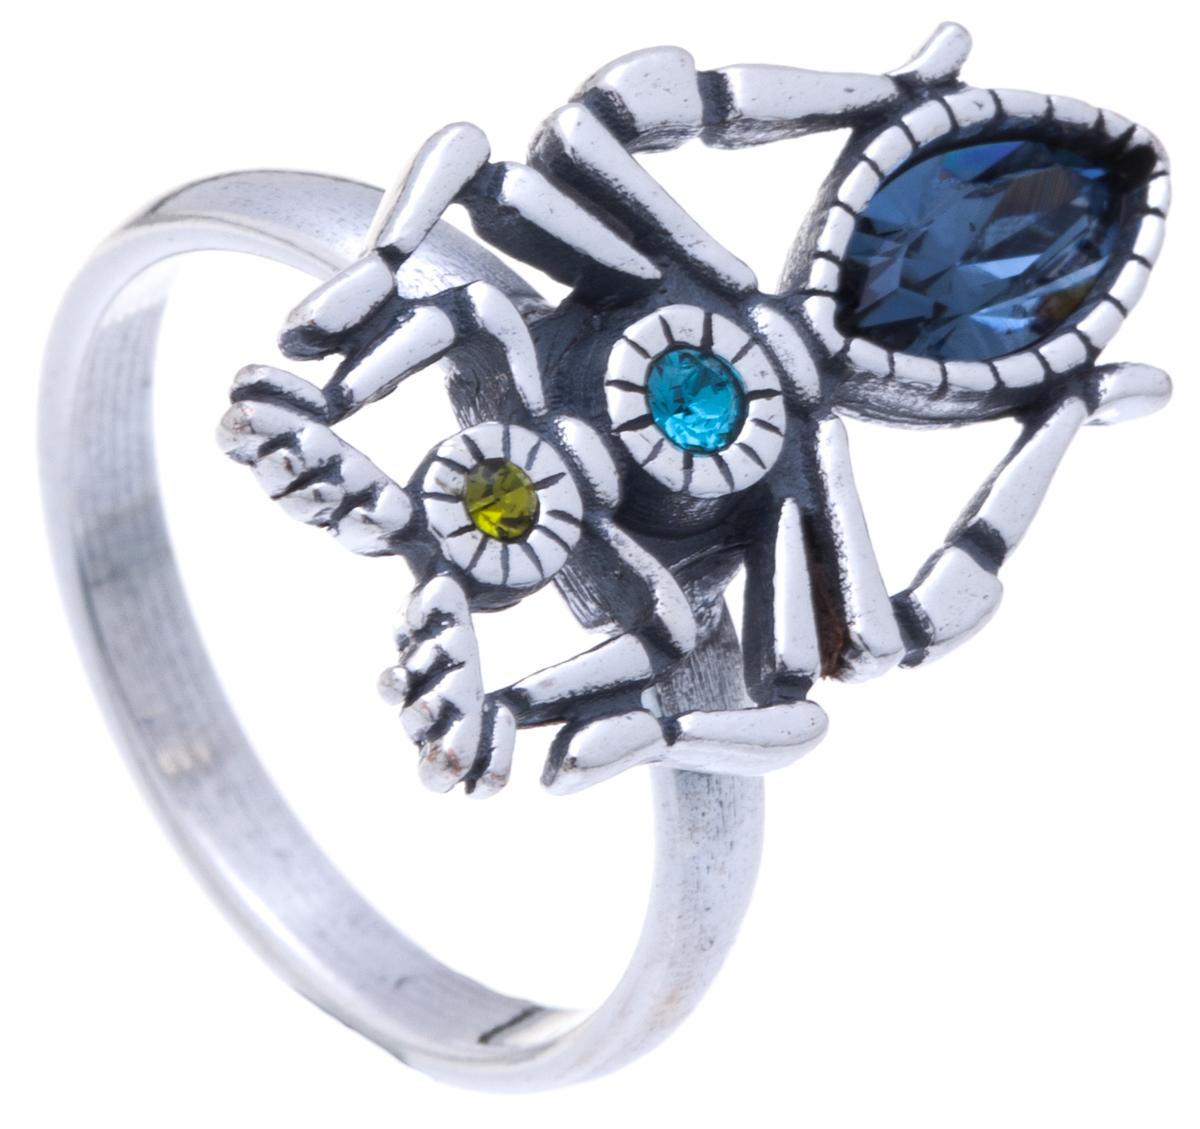 Jenavi, Коллекция Кассида, Тоурмис (Кольцо), цвет - серебро, синий, размер - 17k3393044Коллекция Кассида, Тоурмис (Кольцо) гипоаллергенный ювелирный сплав,Черненое серебро, вставка Кристаллы Swarovski, цвет - серебро, синий